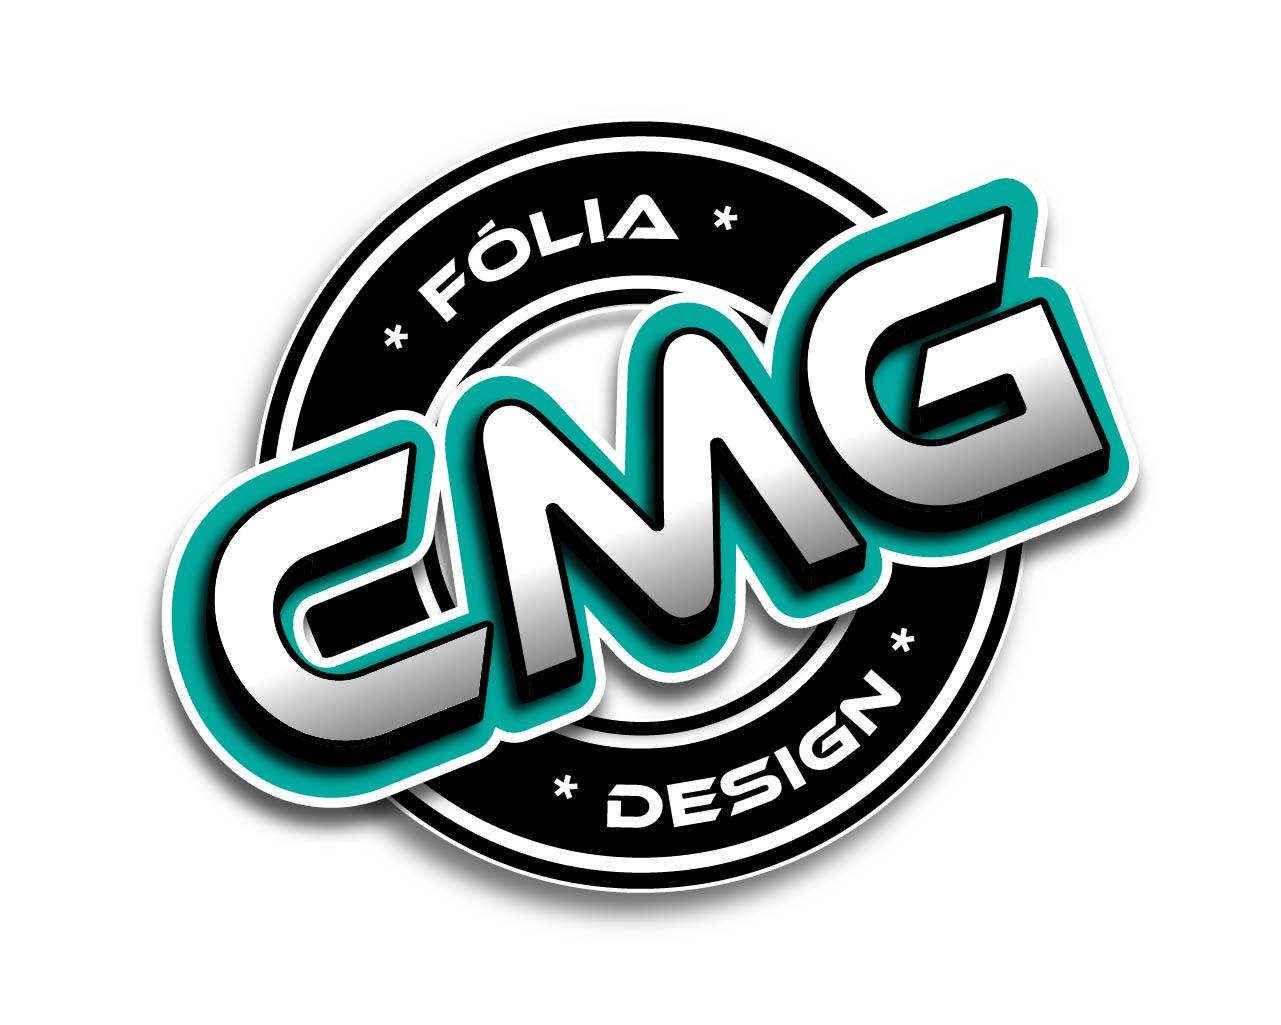 CMG – Autó és Épületfóliázás